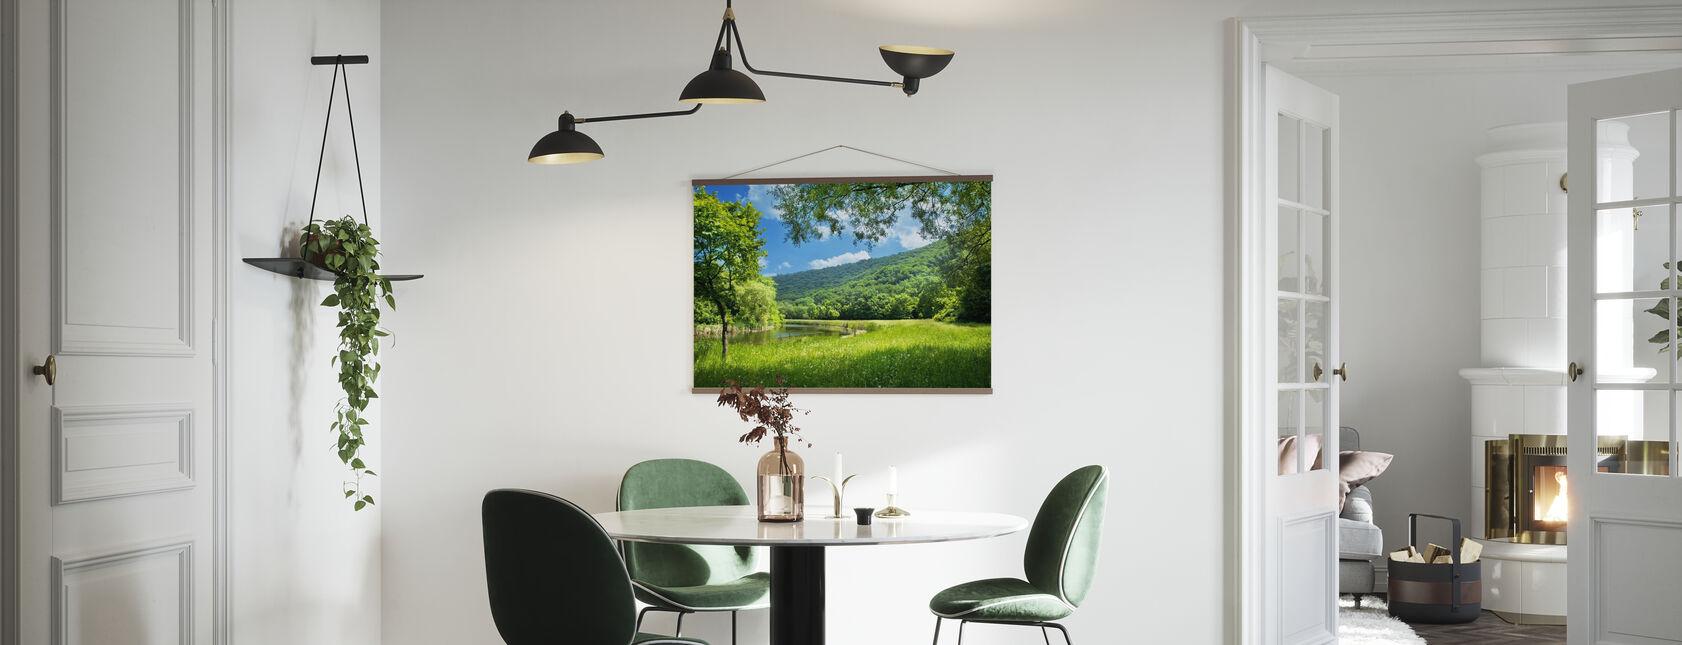 Paesaggio estivo con fiume - Poster - Cucina